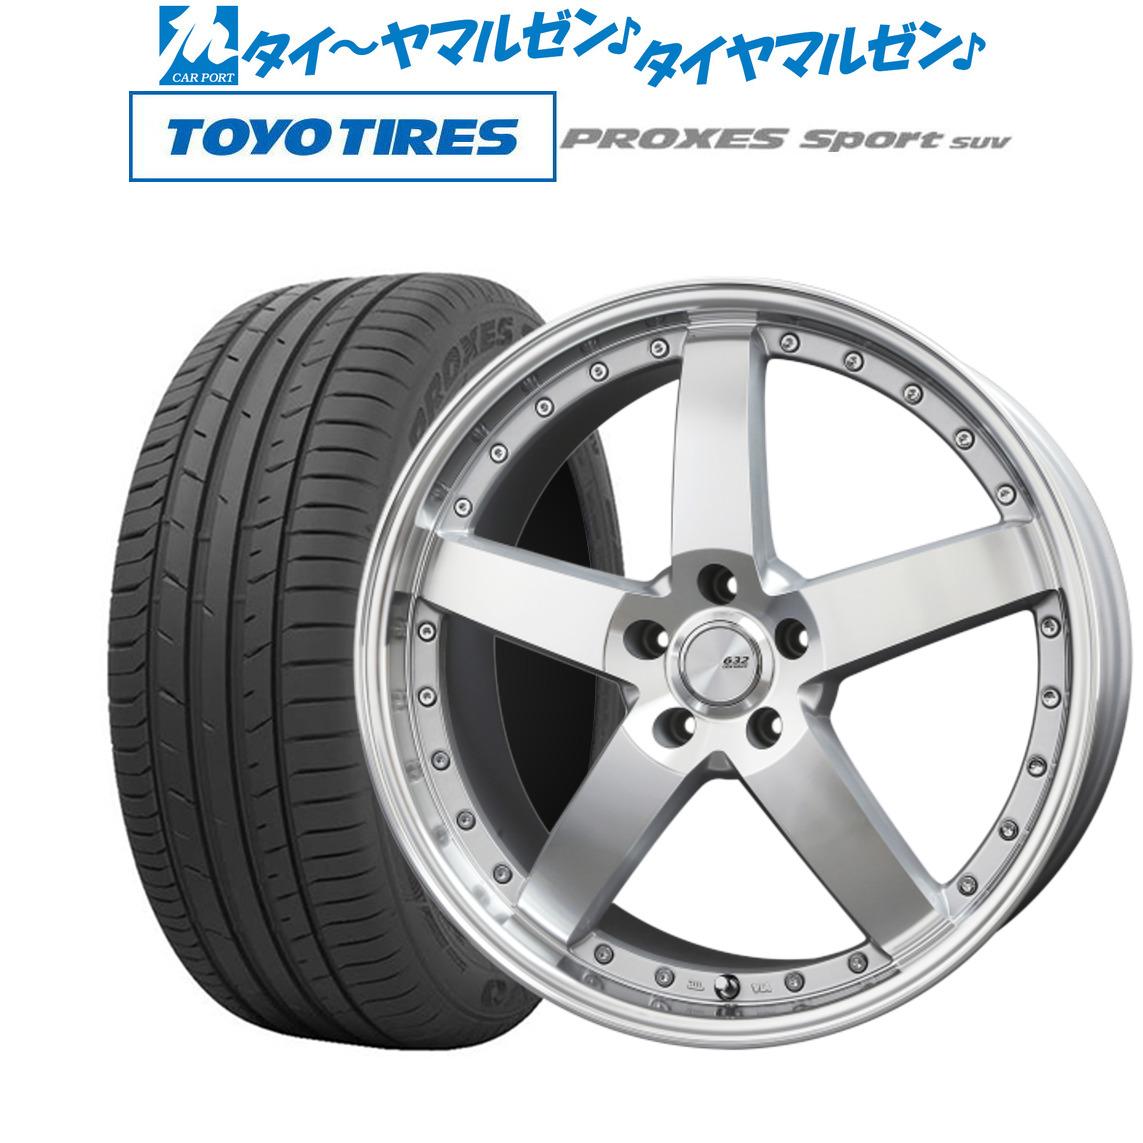 日本に 新品 SUV255/50R20・送料無料・4本セットBADX (数量限定) ロクサーニ グラスターファイブシルバーメタリック 8.5Jトーヨー/フェイスポリッシュ20インチ 8.5Jトーヨー プロクセス PROXES スポーツ SUV255/50R20 109Y XL (数量限定), 笠沙町:11ff231b --- inglin-transporte.ch